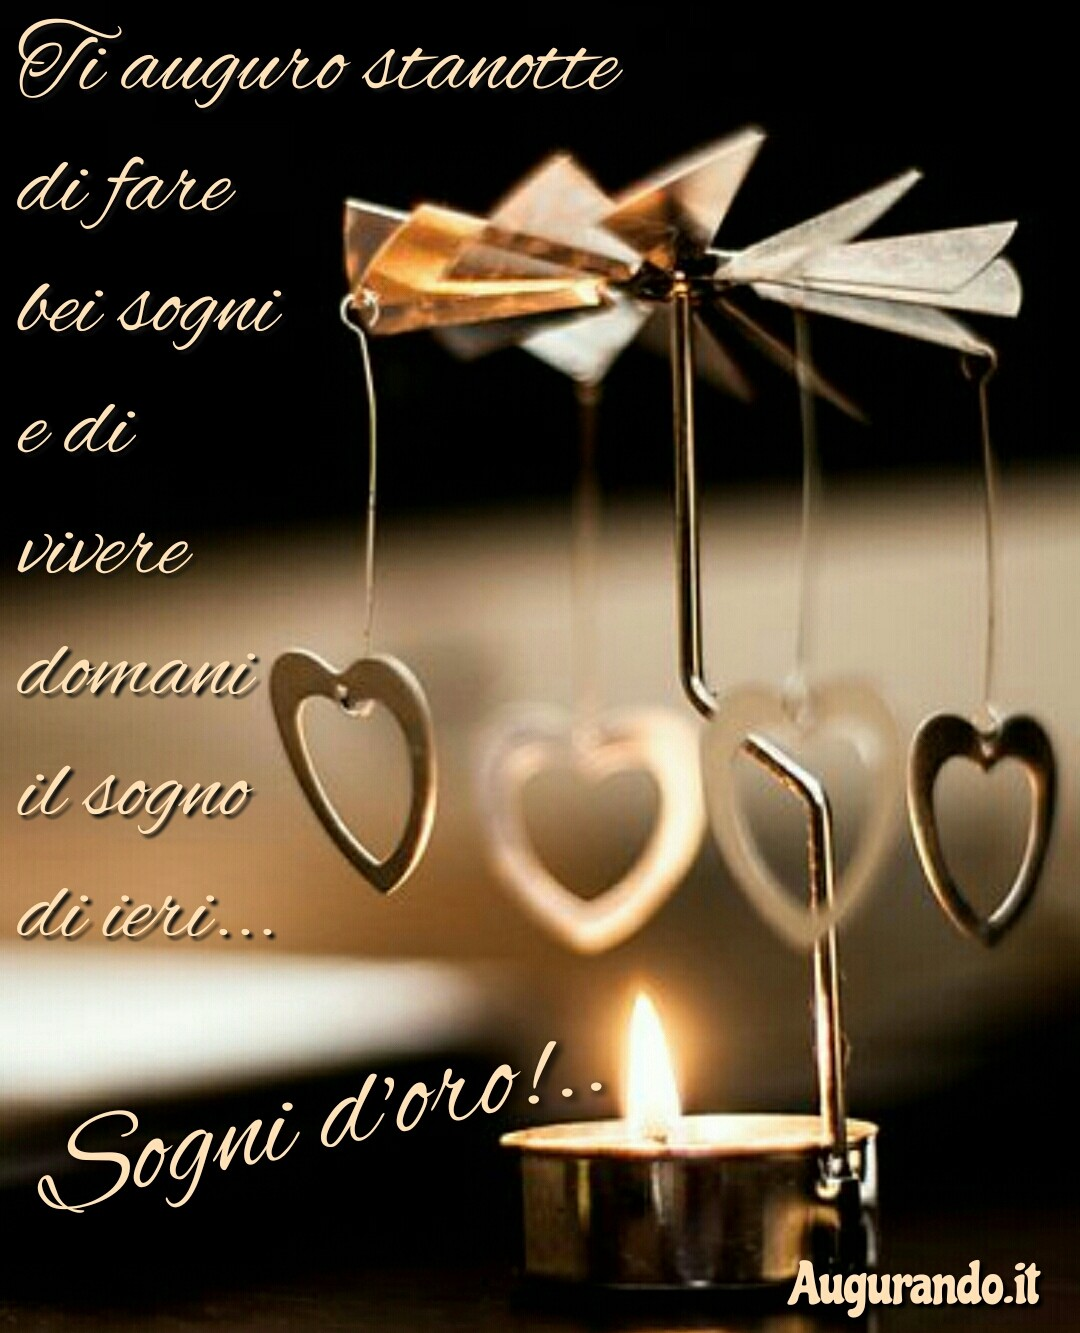 Buonanotte, notte, dolce notte, dolcissima notte, serena notte, sogni d'oro, felice notte, immagine buonanotte, serena notte, buonanotte amore, buonanotte a tutti, buonanotte a tutti, buonanotte a domani